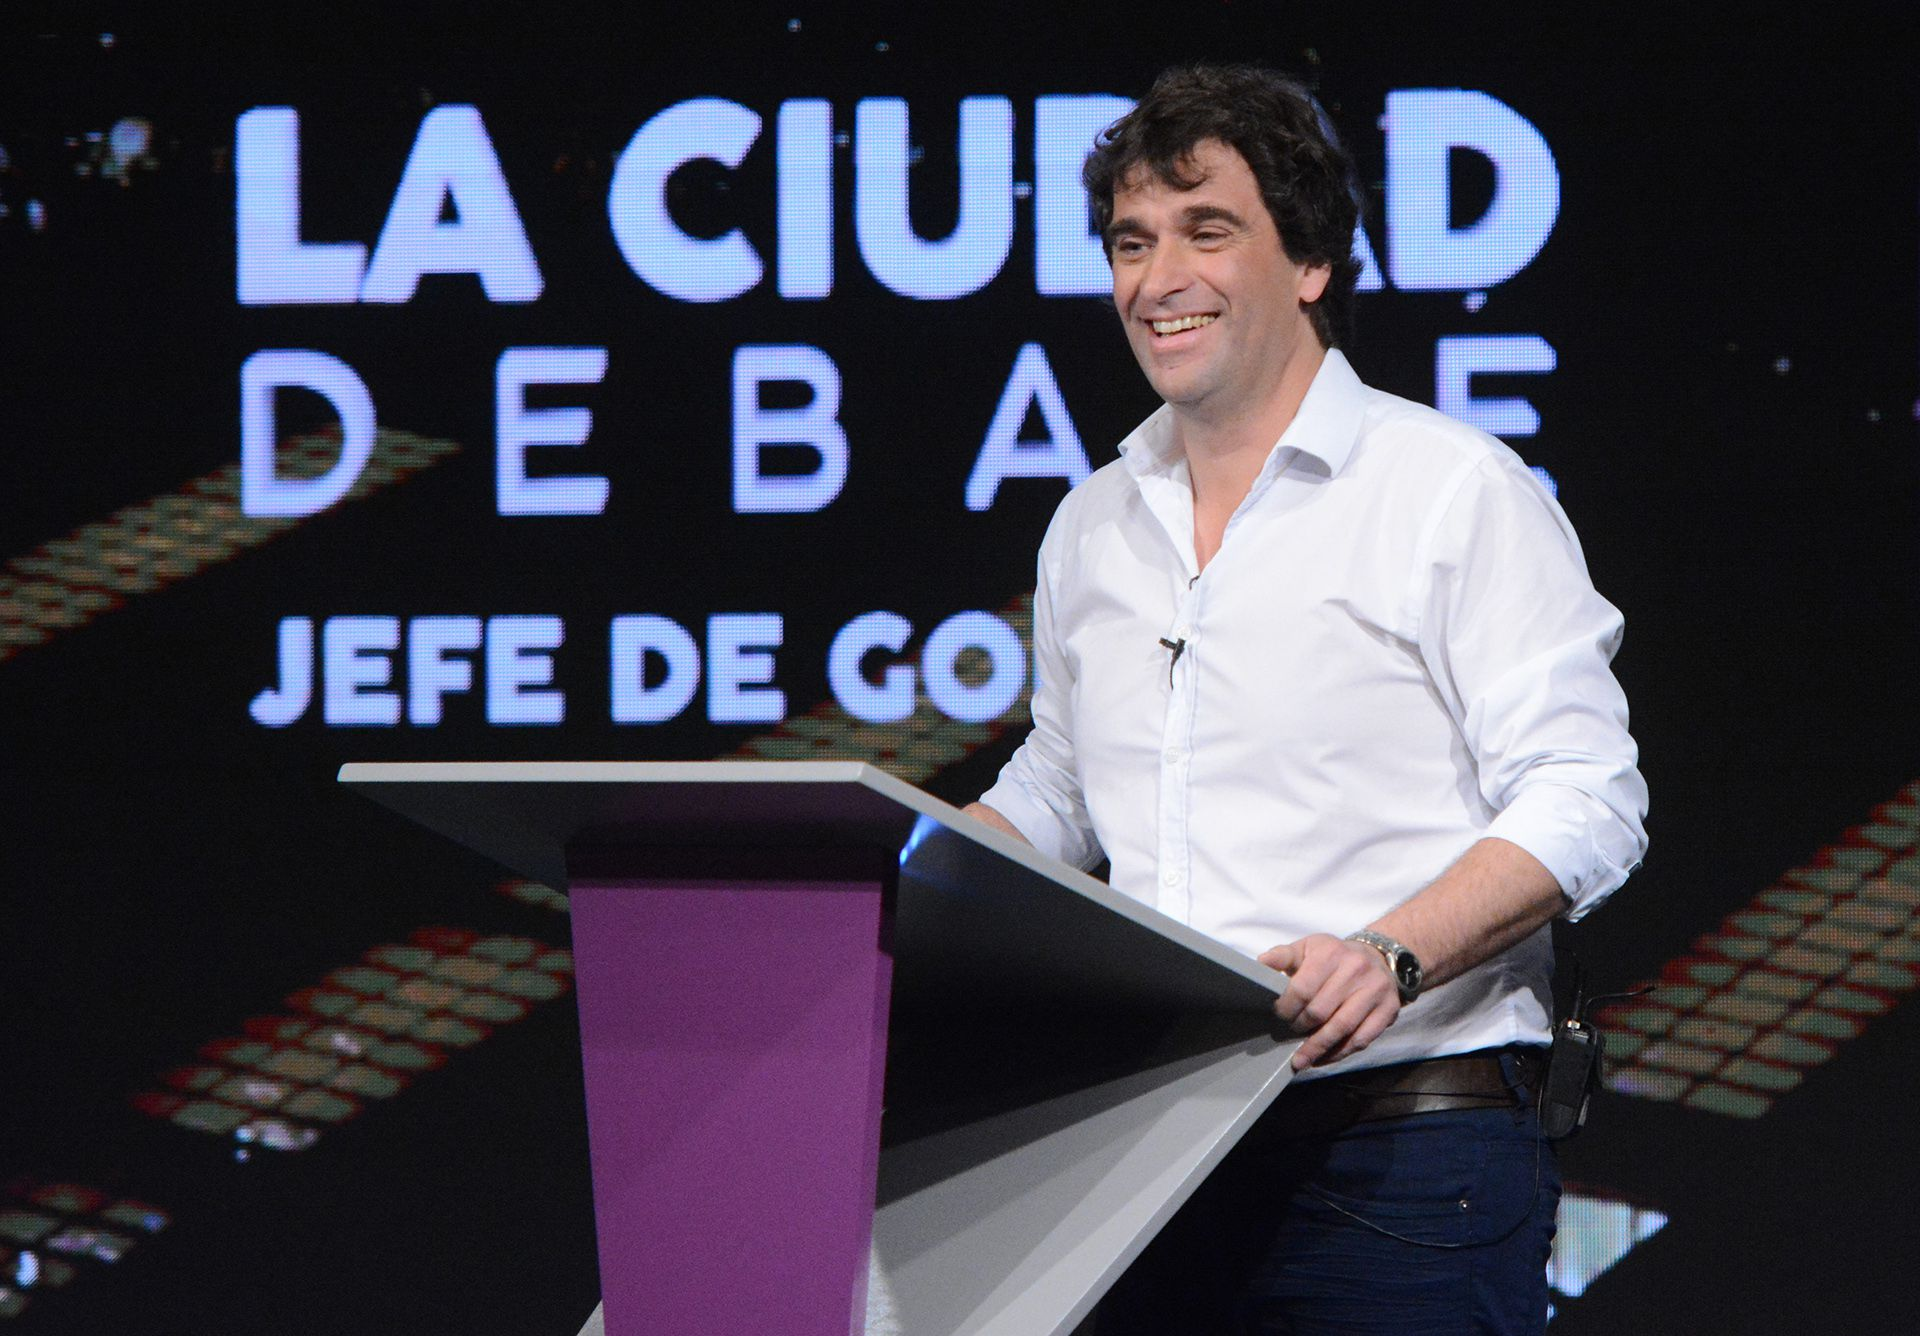 El candidato del Frente de Izquierda, Gabriel Solano